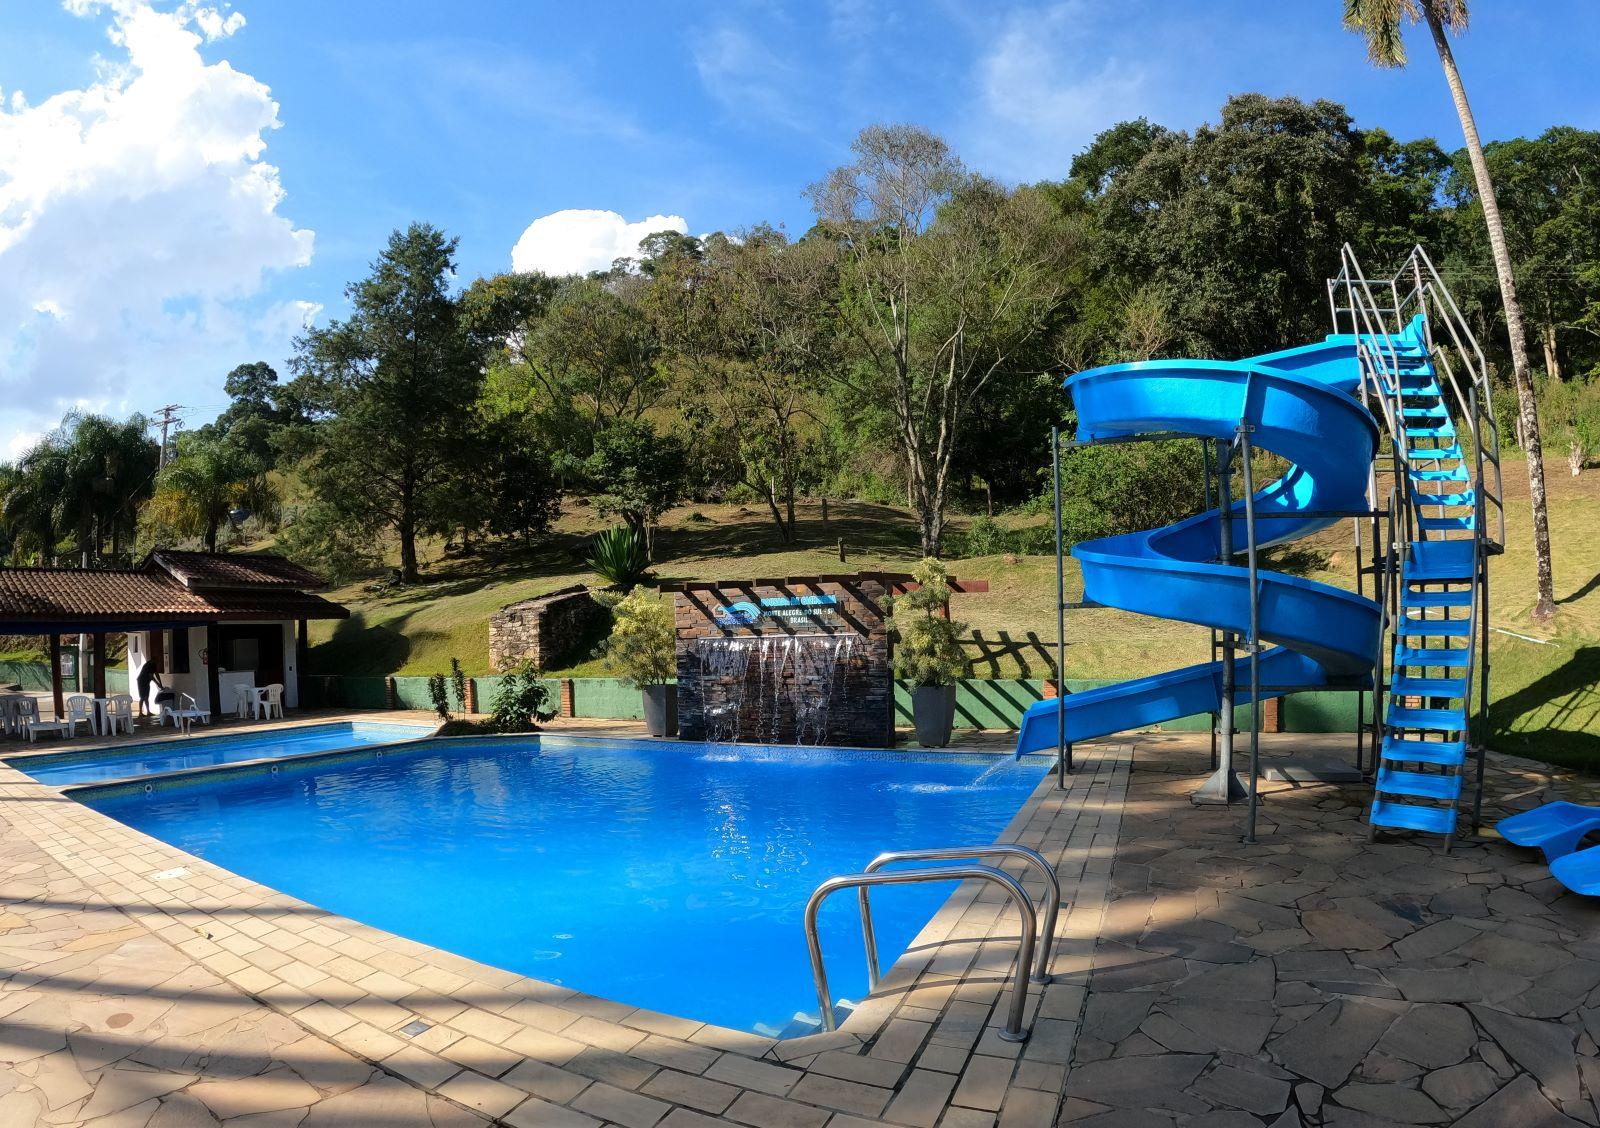 piscina e tobogã